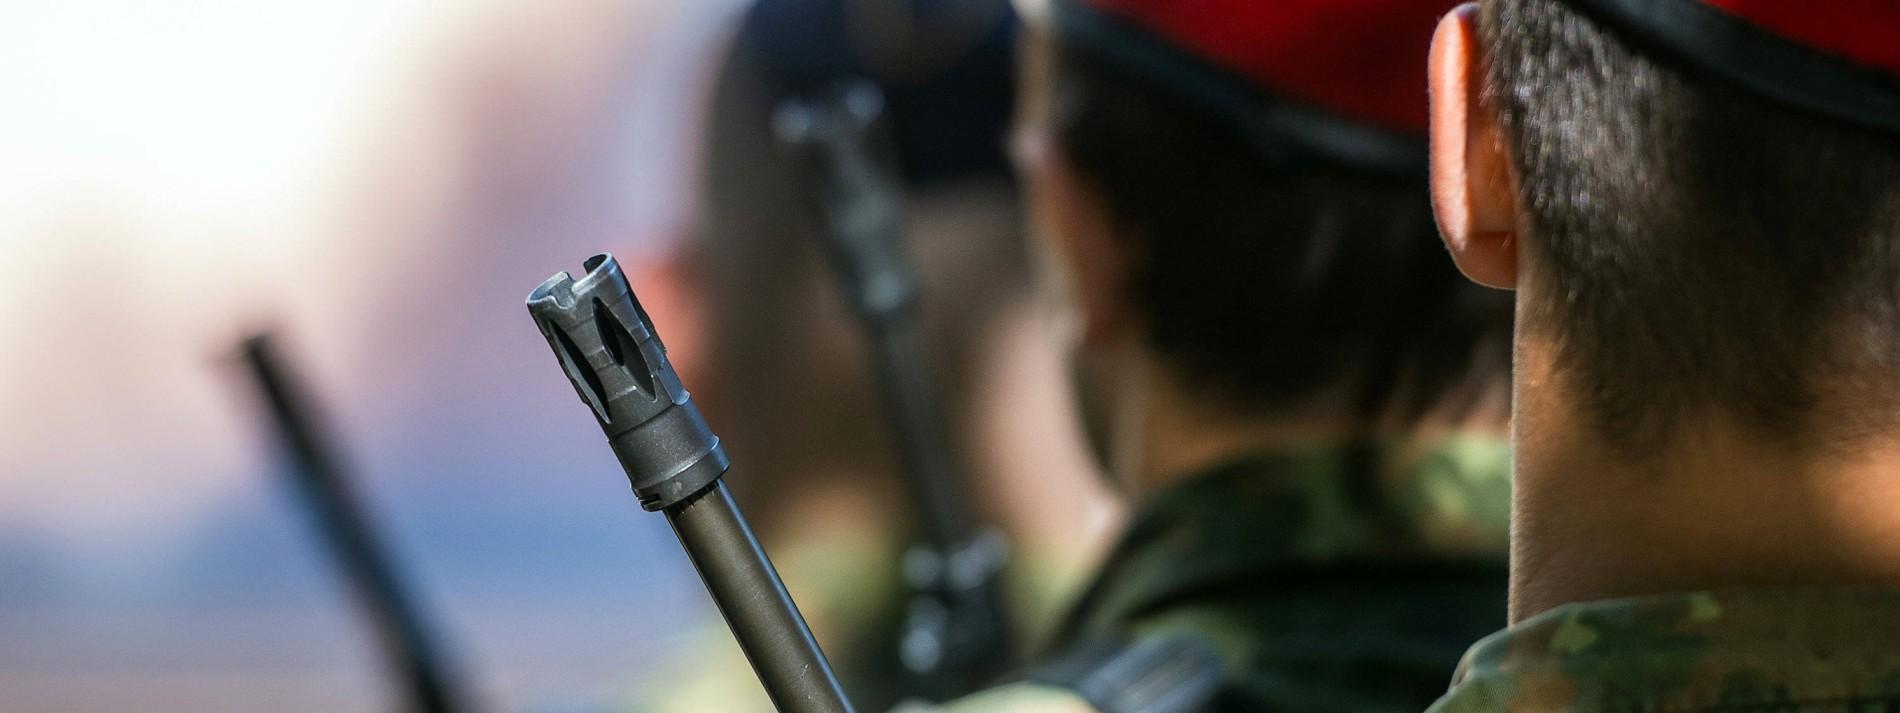 Rückschlag für Waffenhersteller Haenel